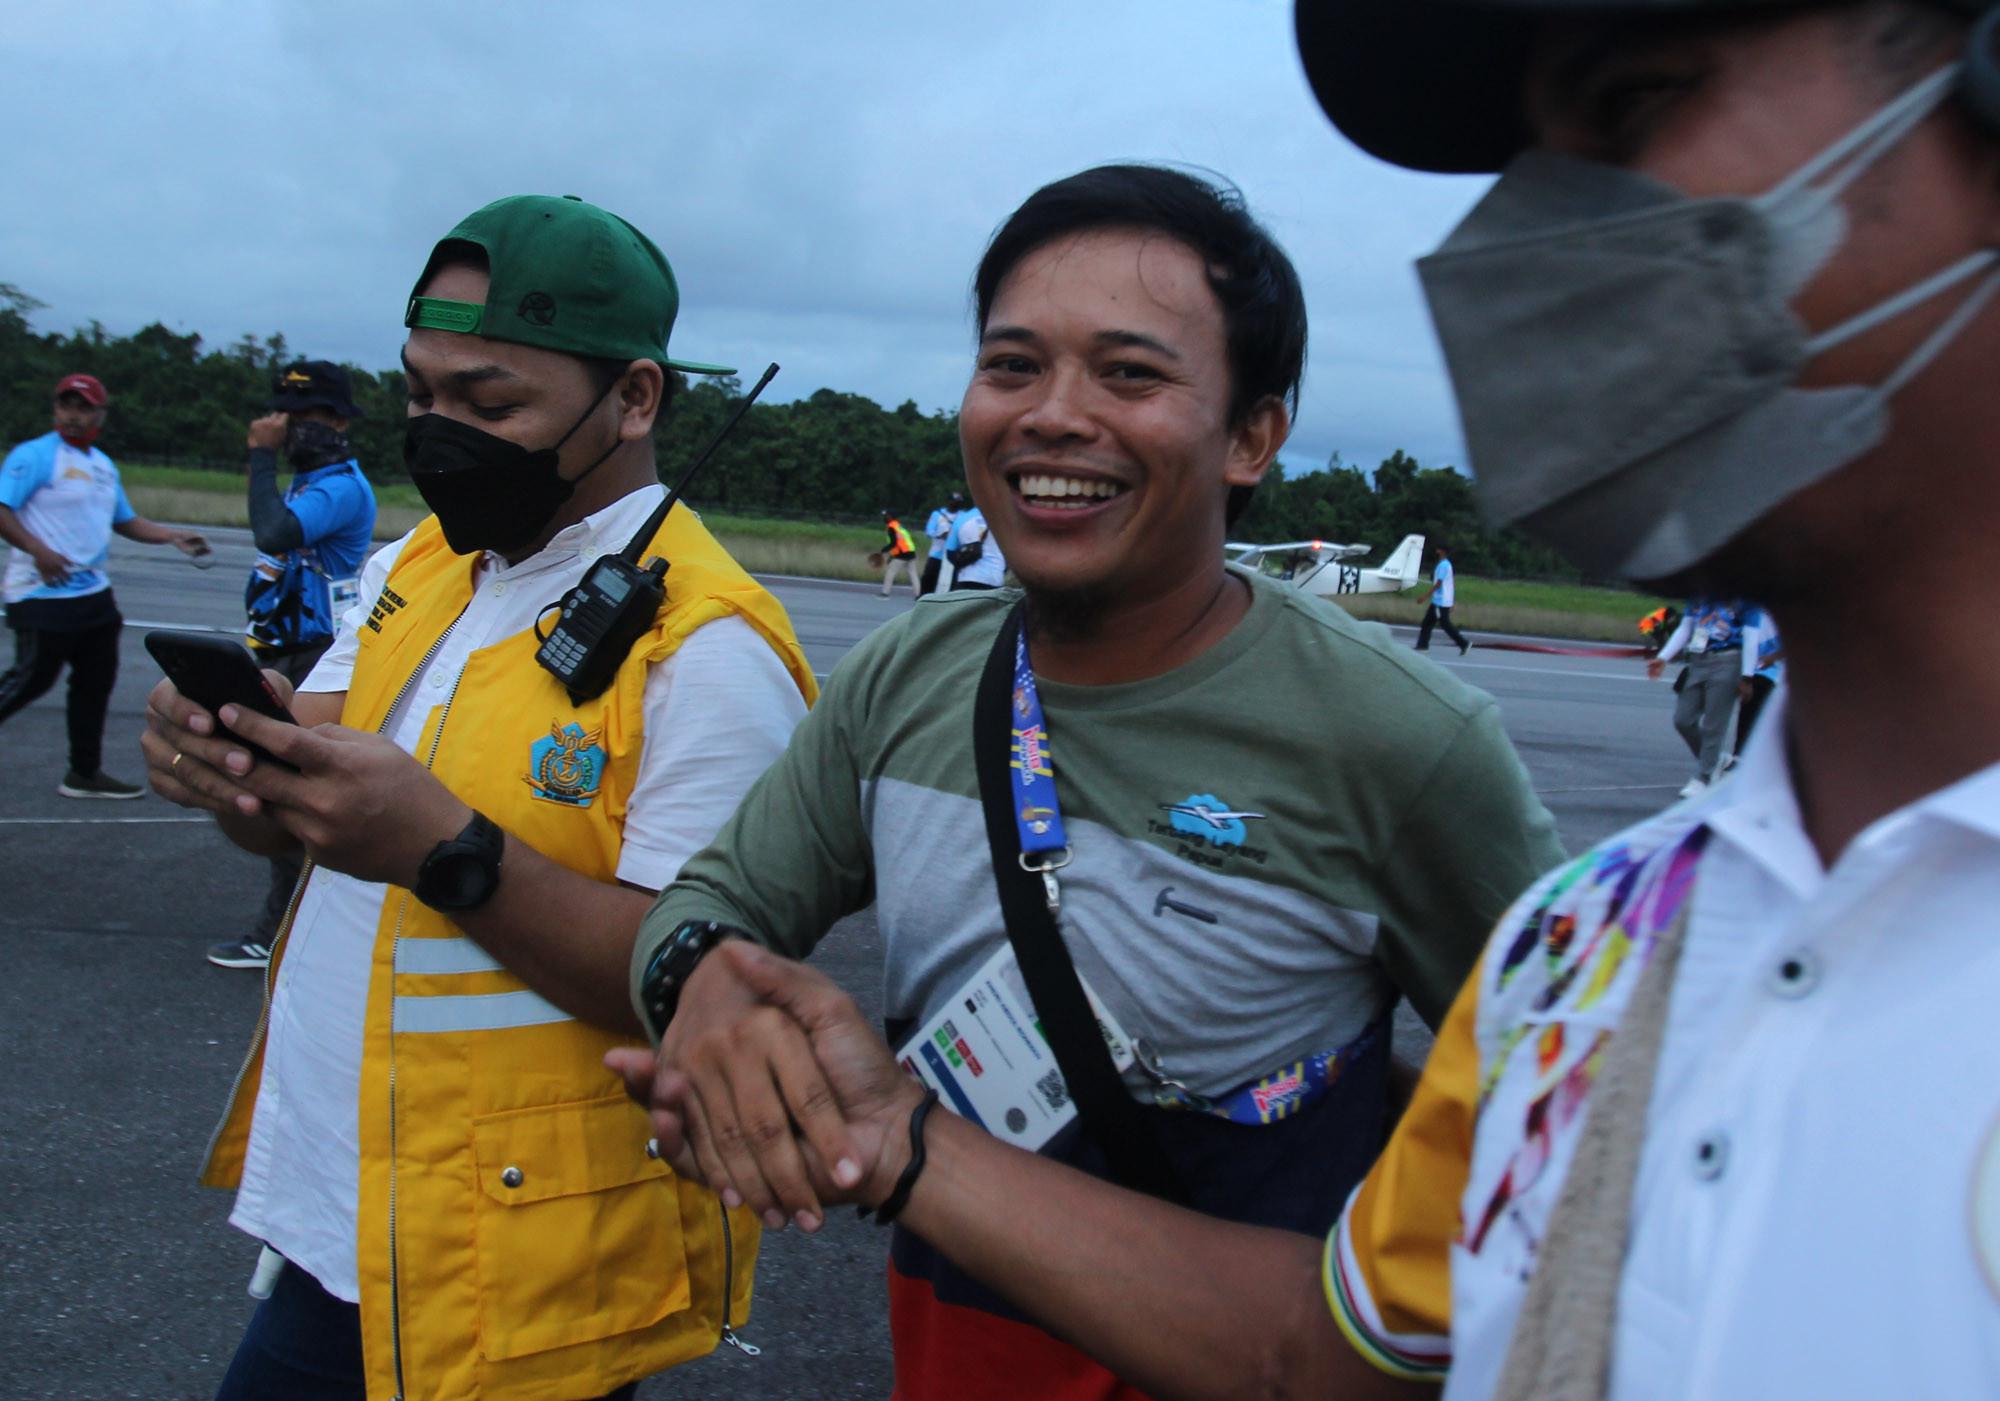 Sambil Menangis Andri Bilang Saya Orang Jawa, Tetapi Cinta Papua - JPNN.com